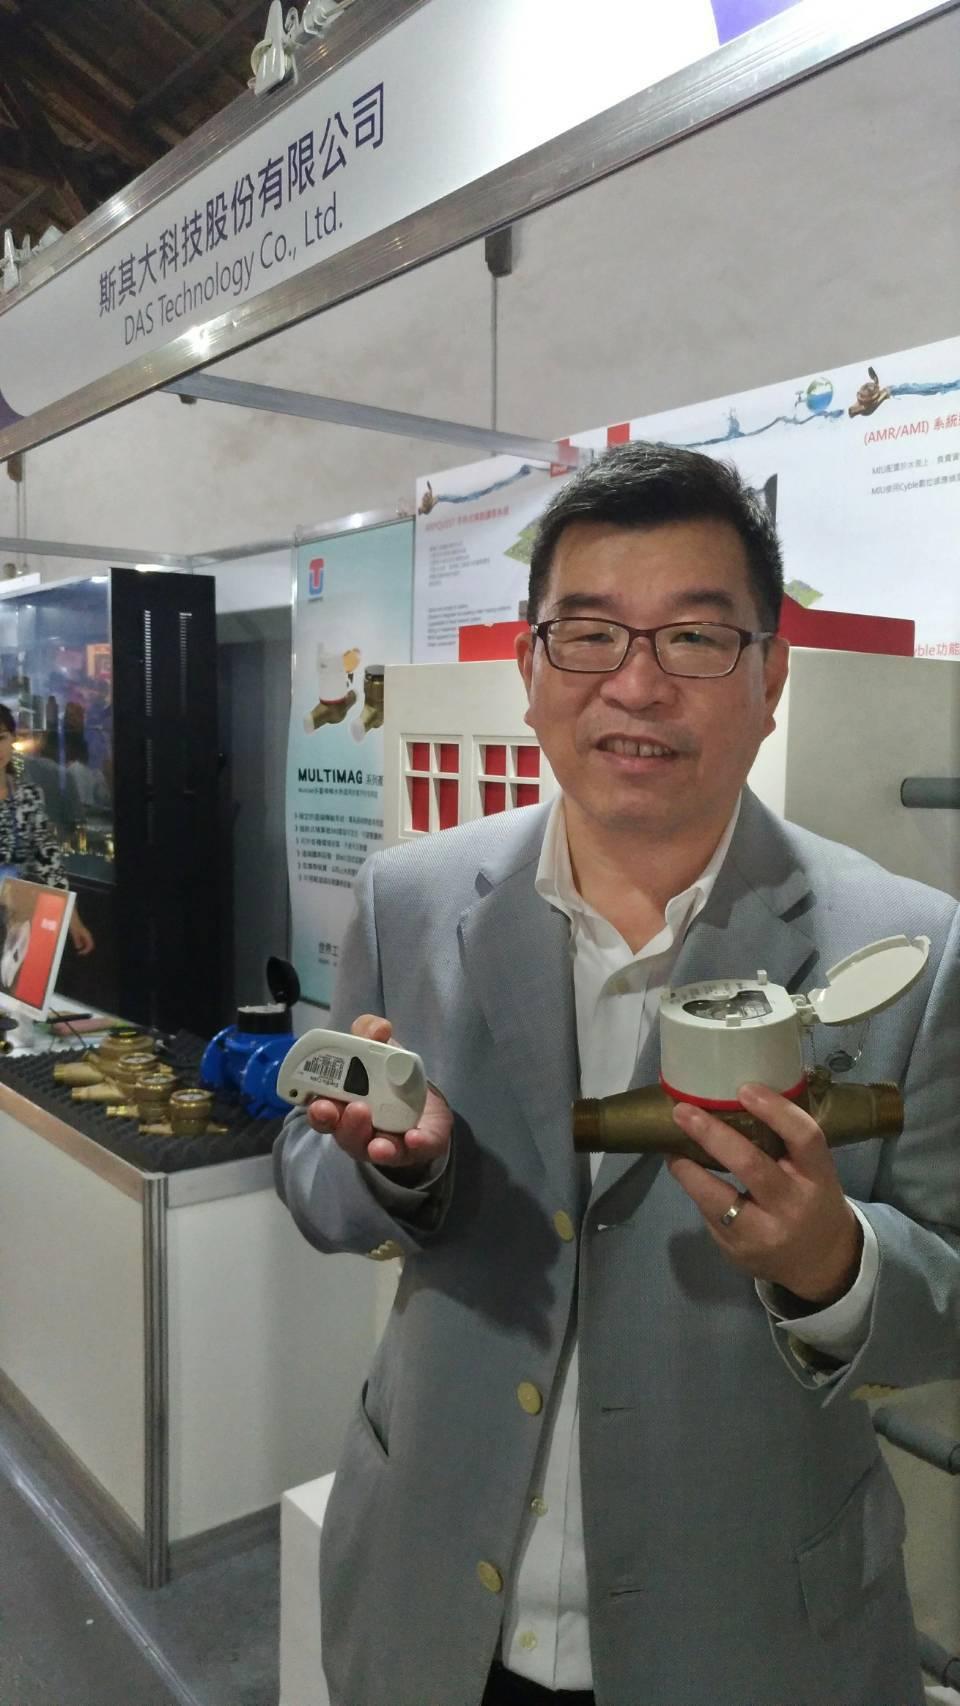 智慧電表大廠斯其大轉進智慧水表新商機, 台灣有800萬戶潛在商機龐大,該公司董事...